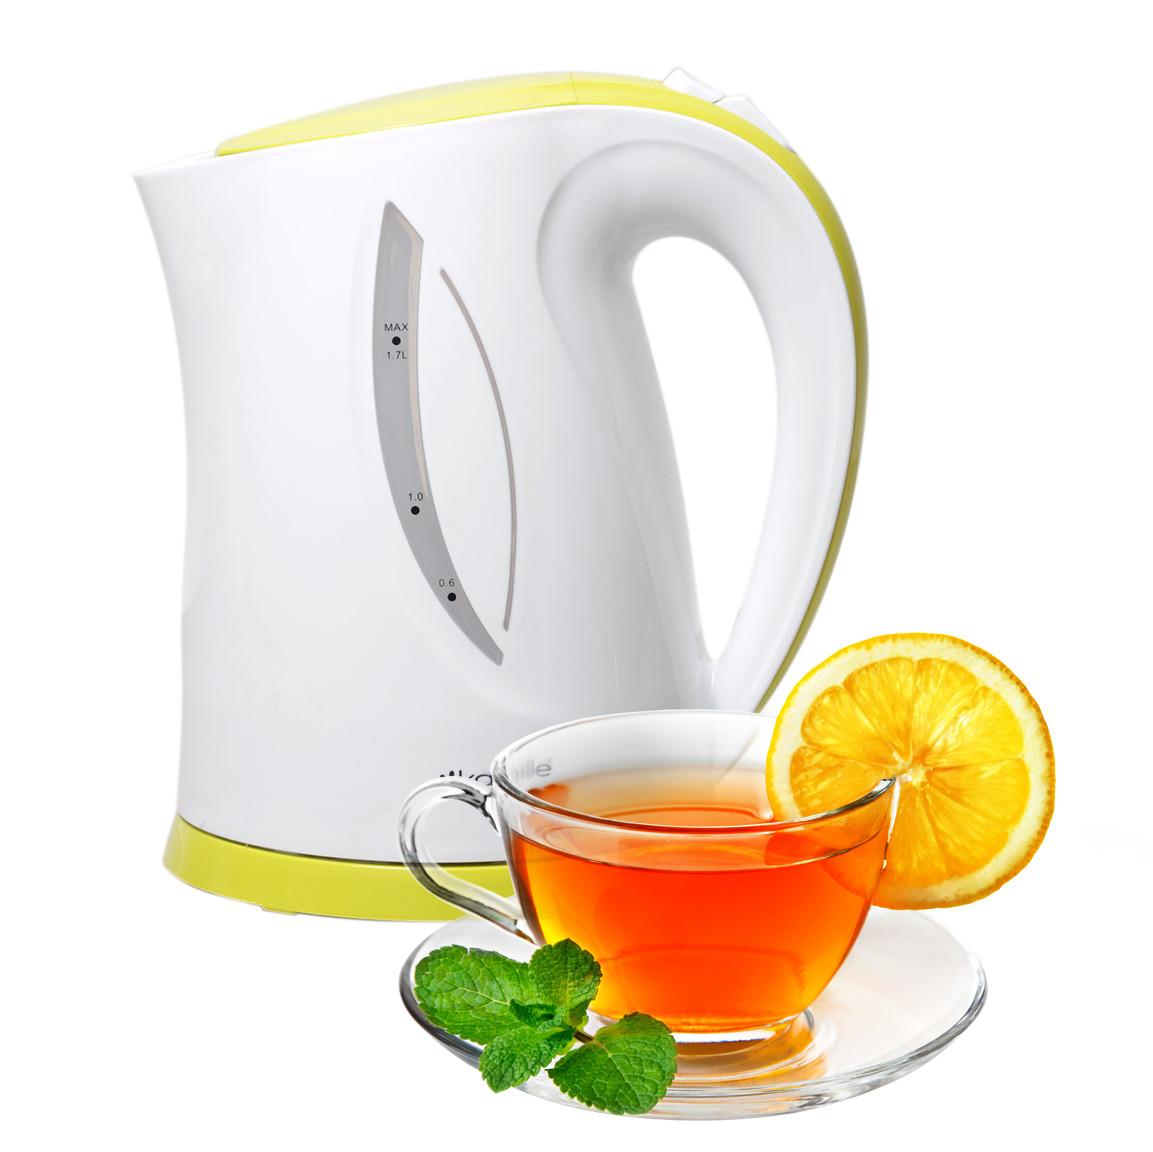 Чайник електричний Kamille 1.7 л пластиковий (білий із салатовим)